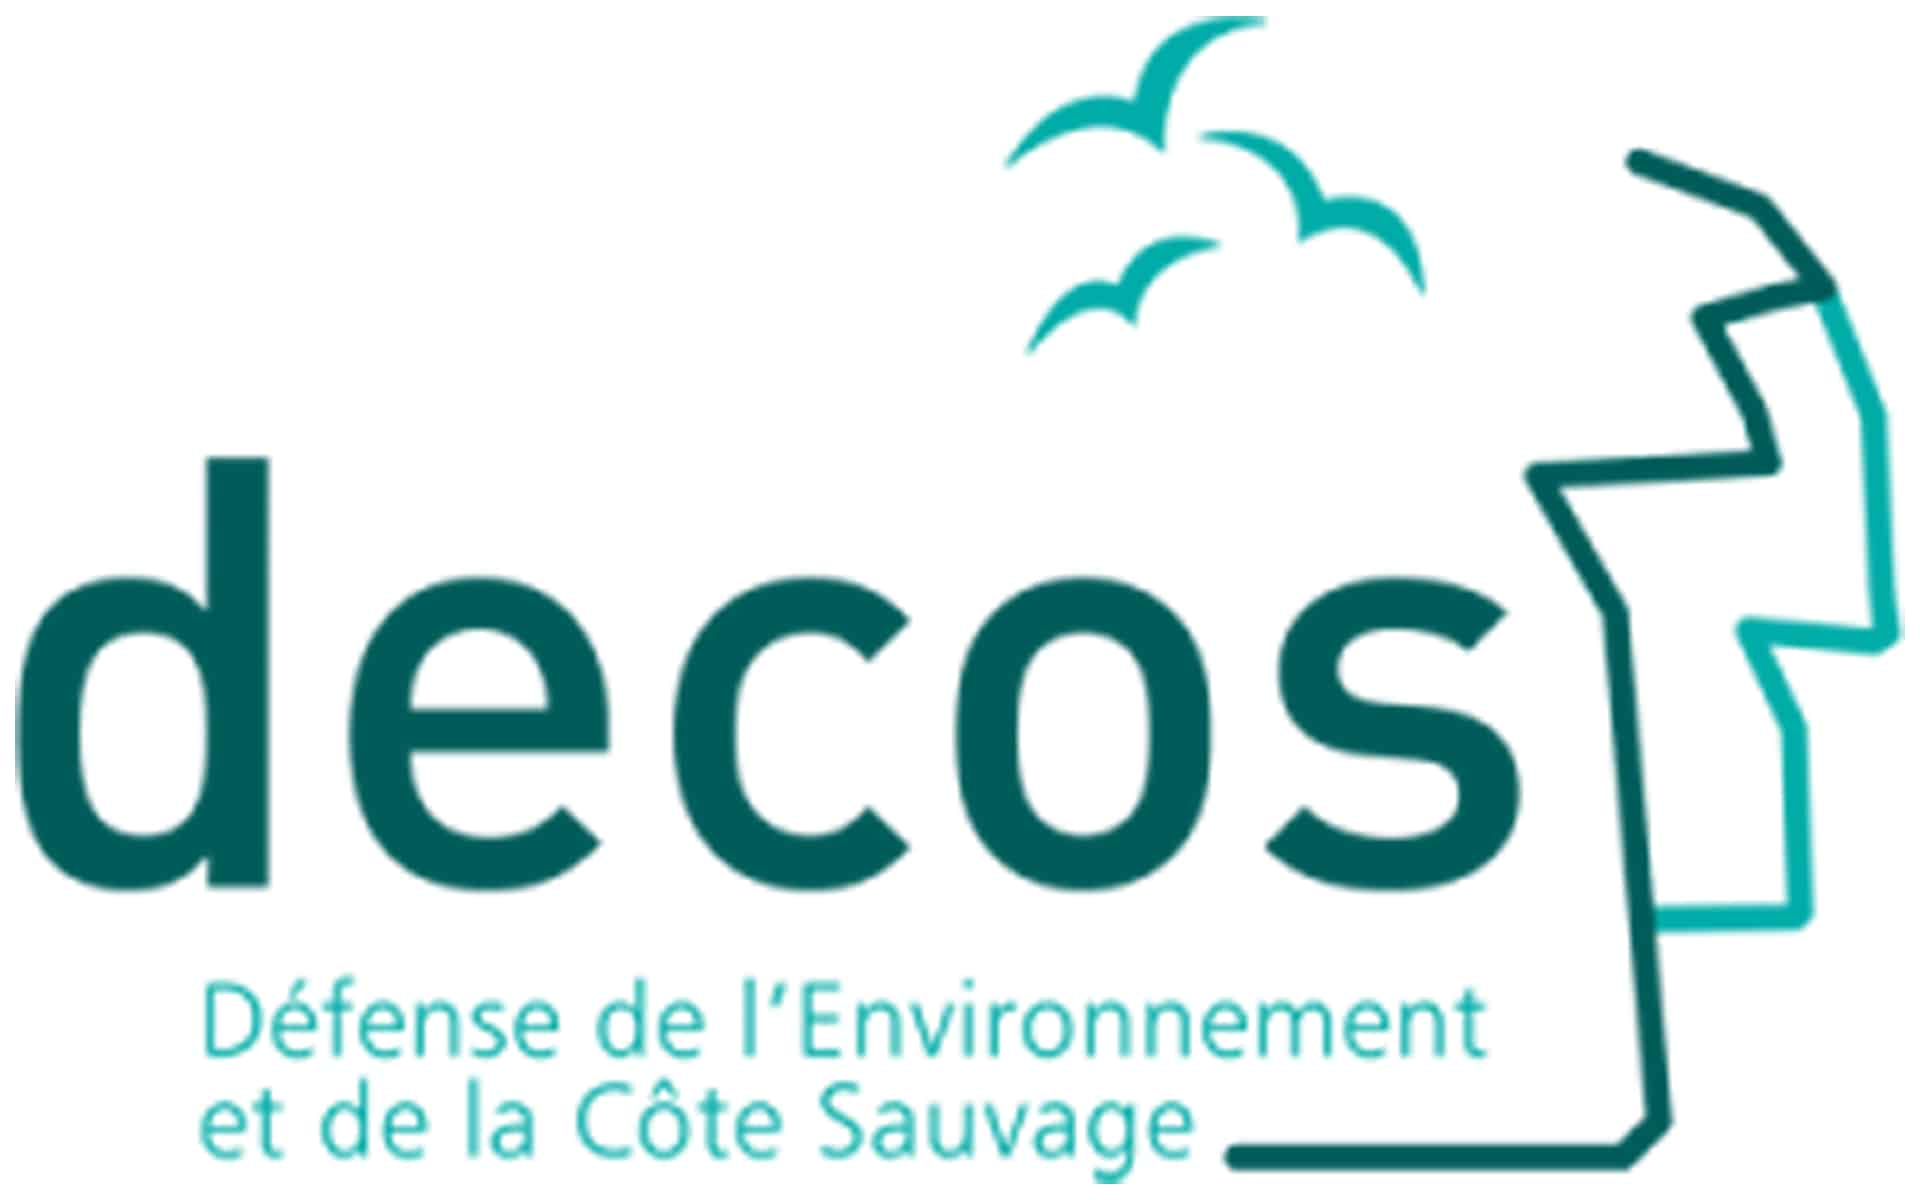 DEFENSE DE L'ENVIRONNEMENT DE LA COTE SAUVAGE (DECOS)